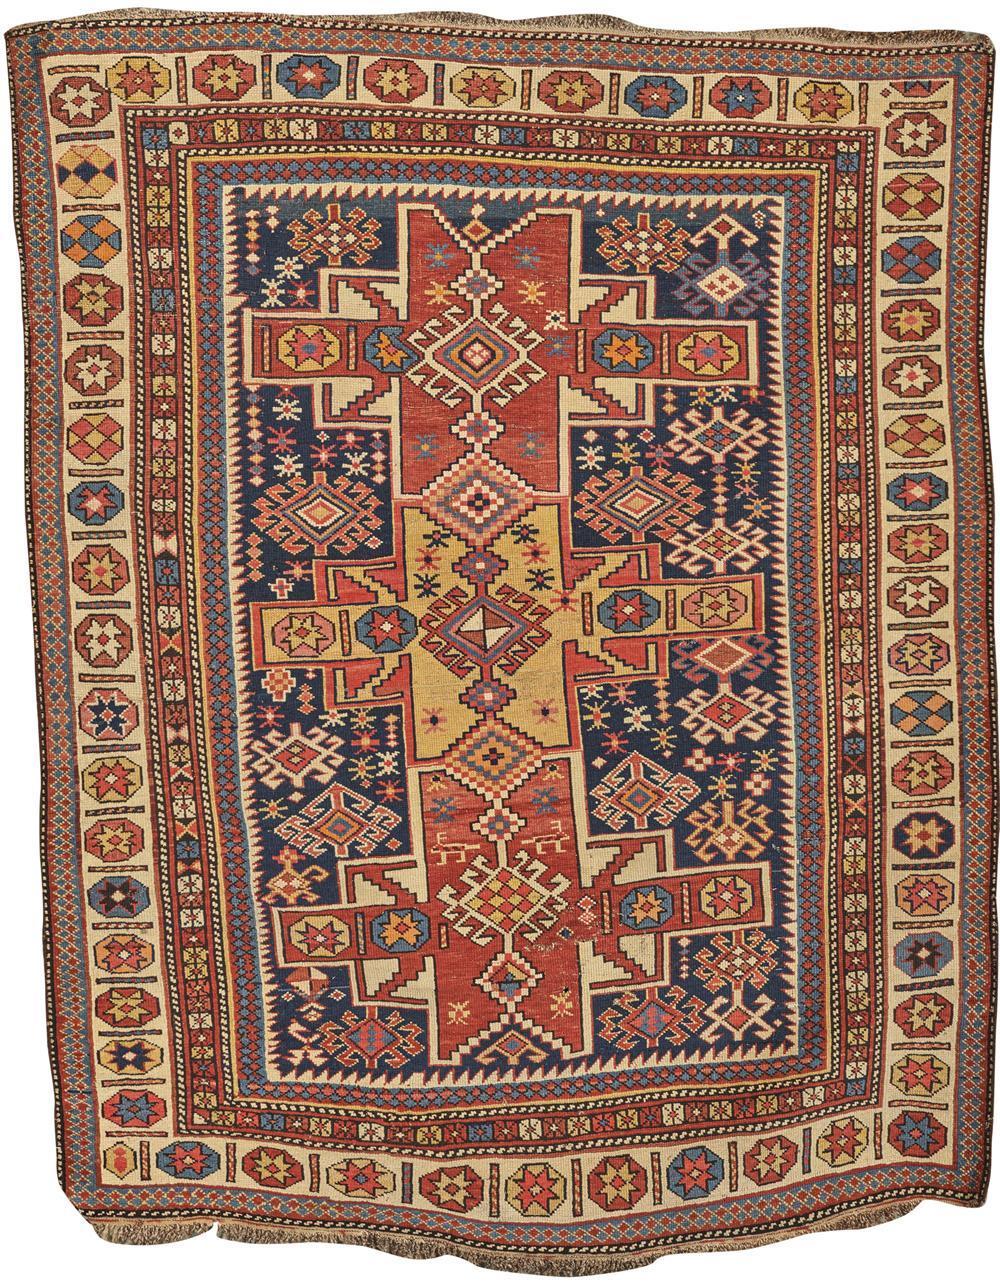 Lesghi Rug, Caucasus, ca. 1910; 5 ft. 6 in. x 4 ft. 3 in.